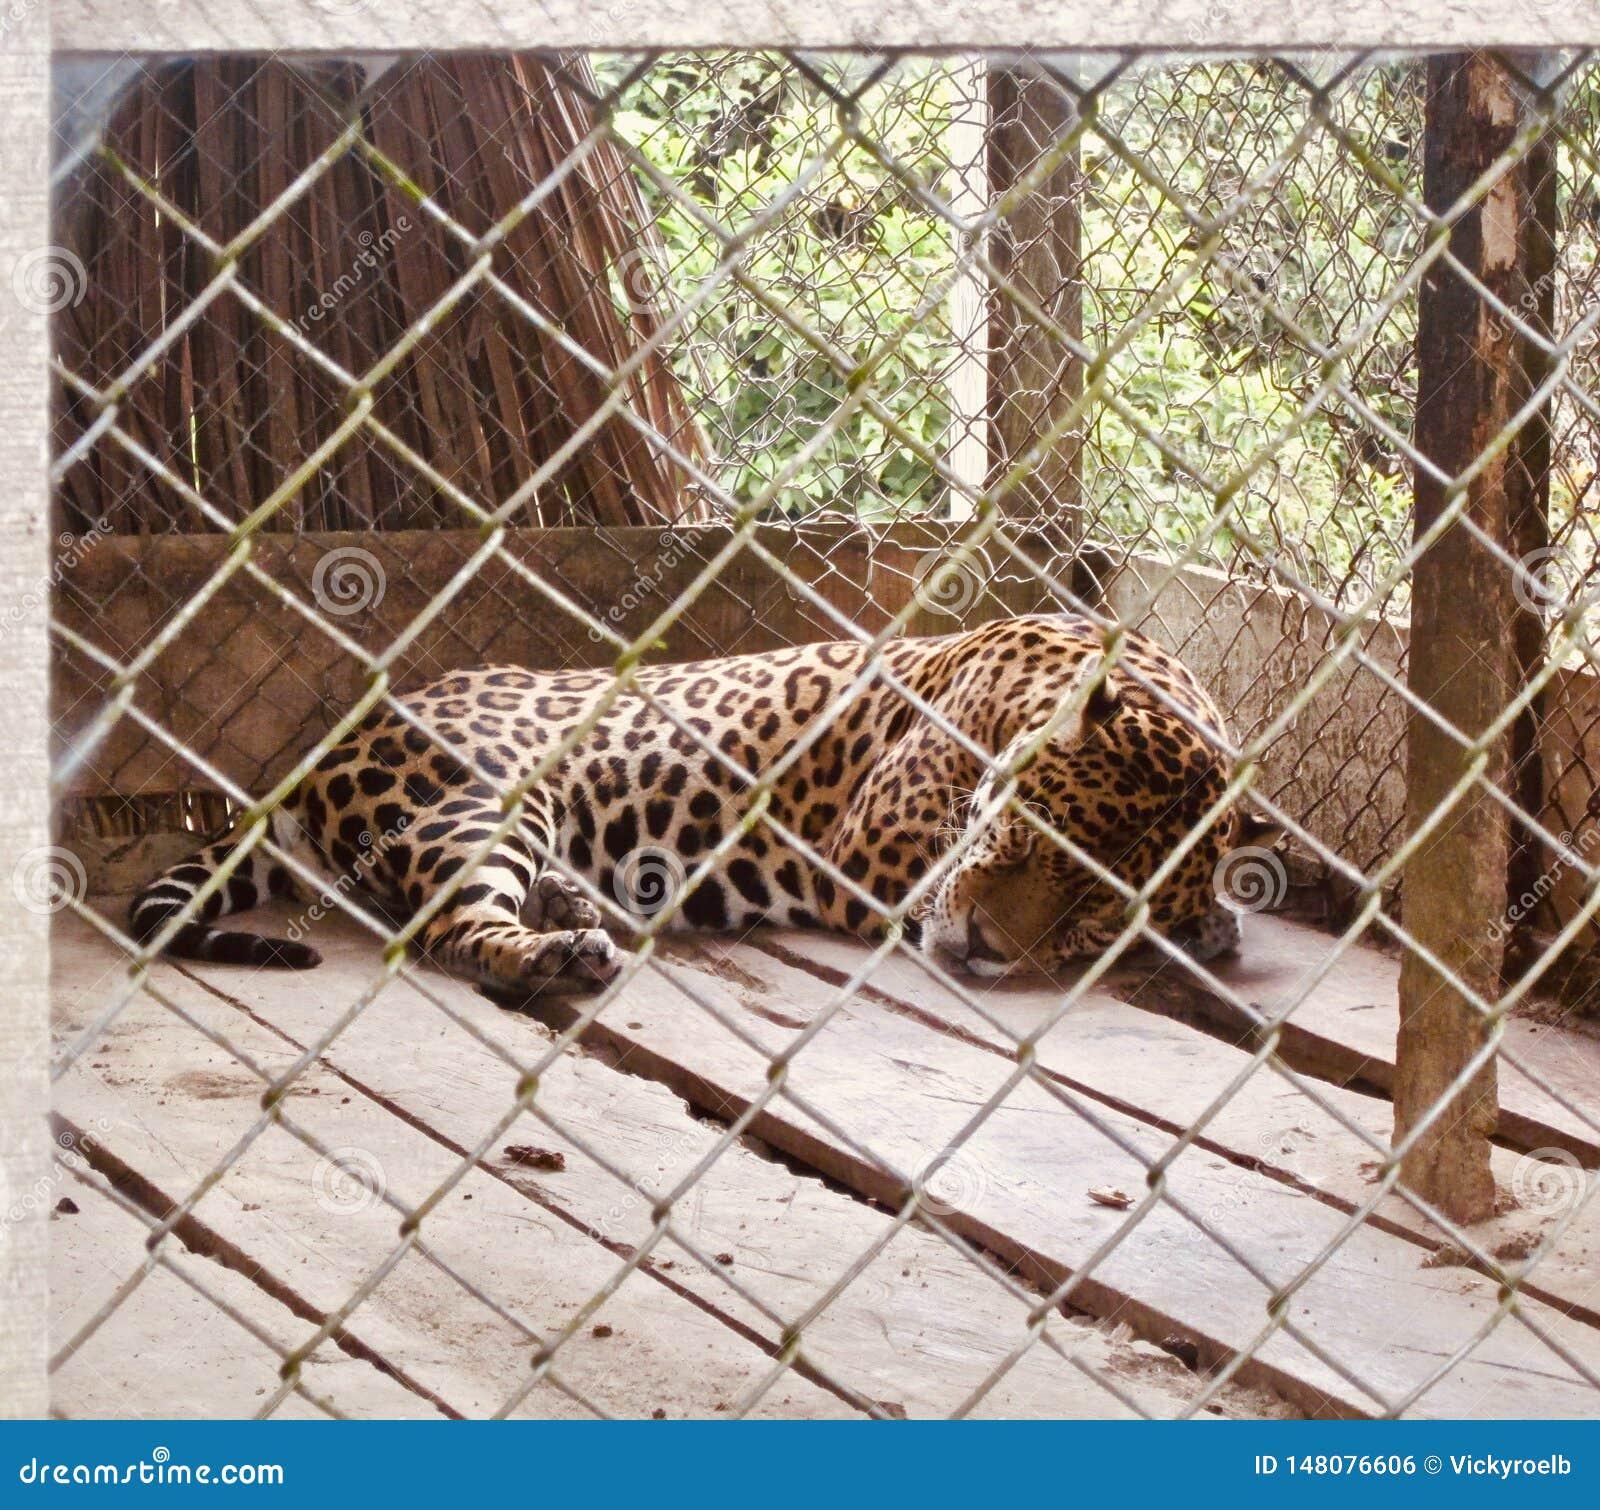 Jaguar i en arrest